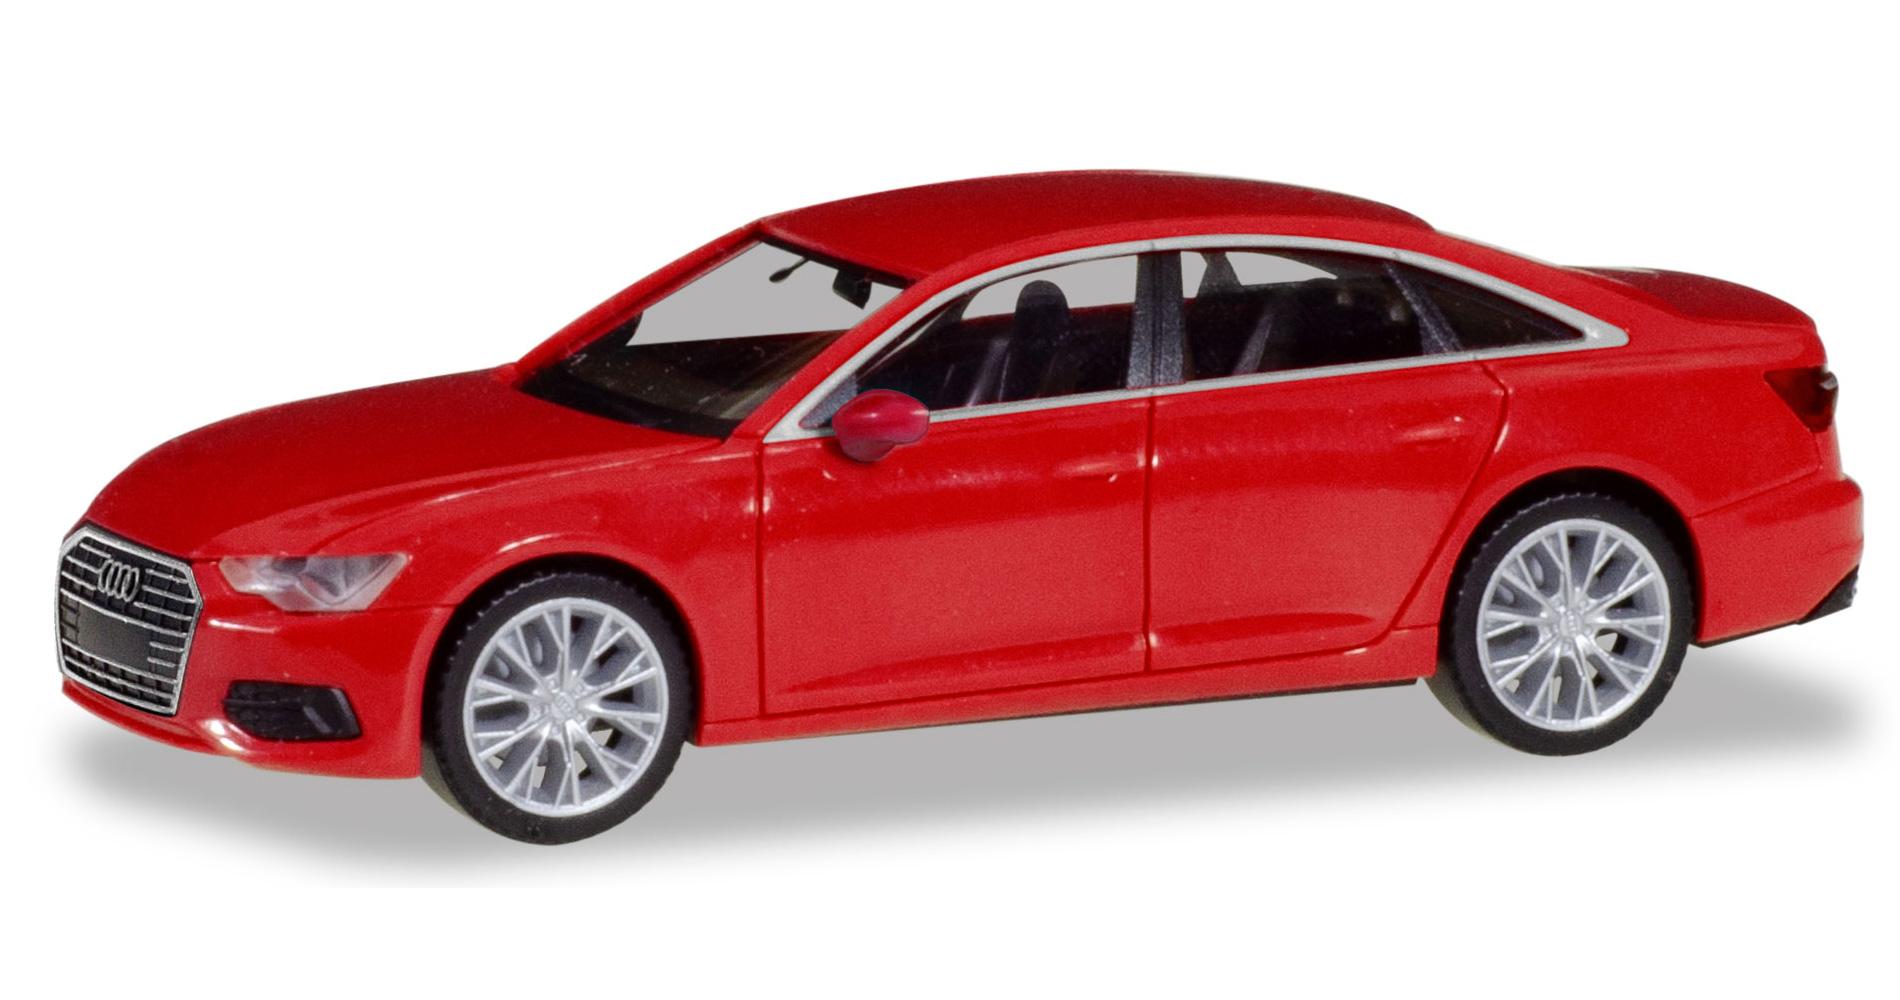 Herpa 420303-002 Neu 1//87 Audi A6 Avant brillantschwarz